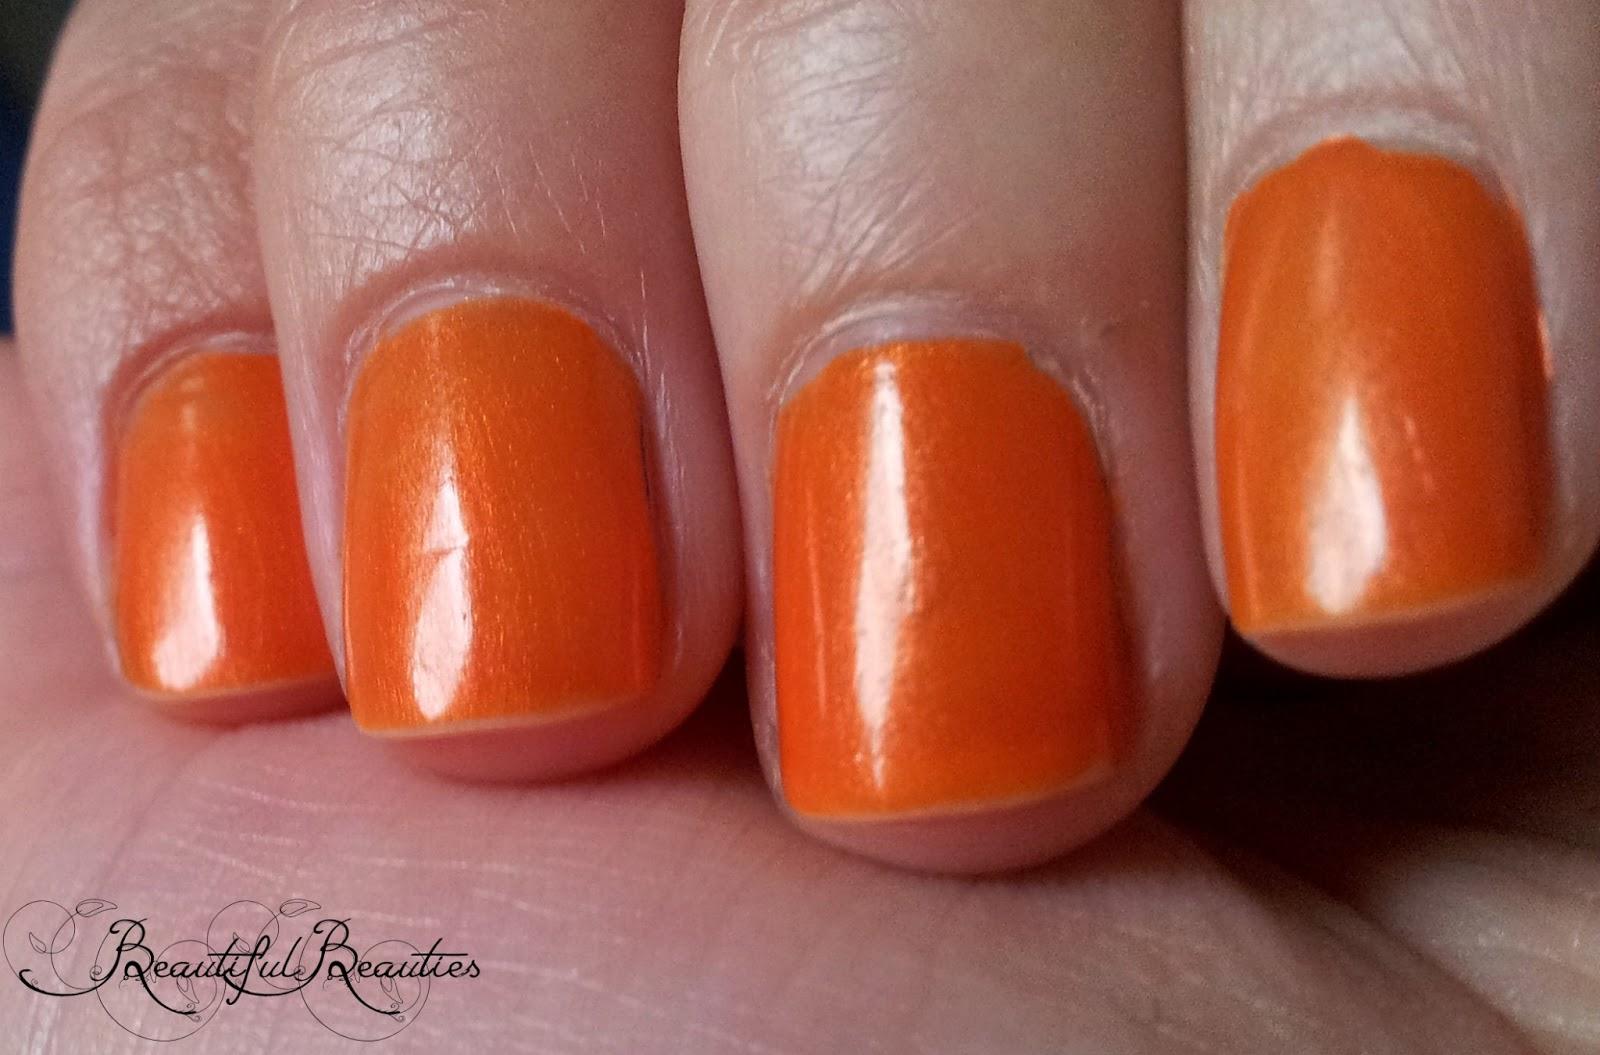 Beautiful beauties: [notd   neue entdeckung] knalliges orange für ...